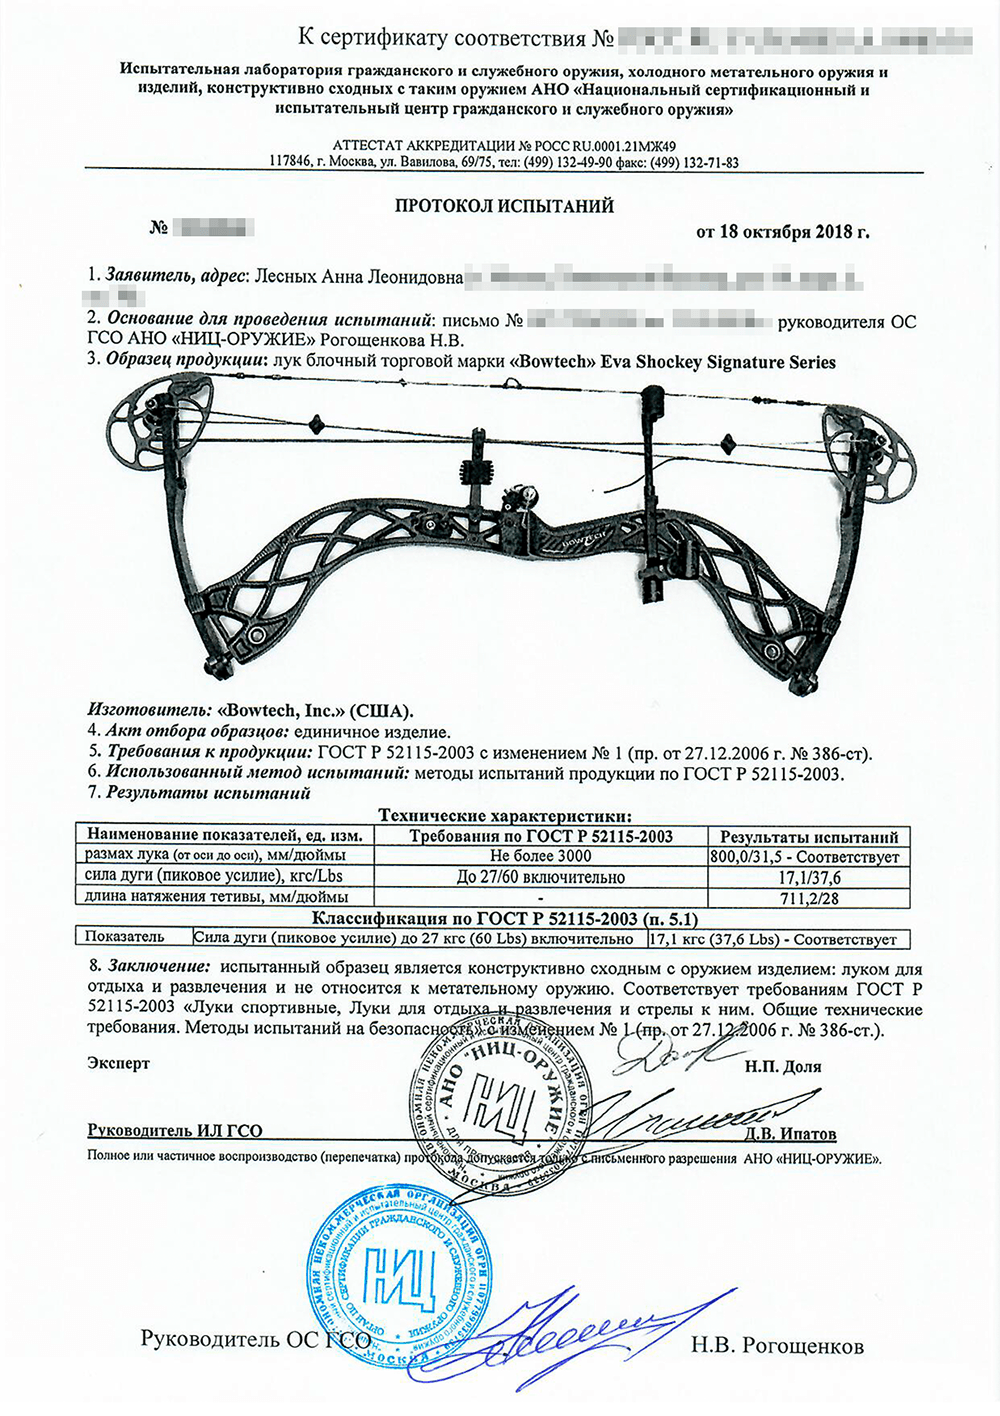 Сертификат и протокол испытаний должны быть на руках у лучника на случай, если его остановит сотрудник полиции или Росгвардии. Документы доказывают, что лук соответствует требованиям закона